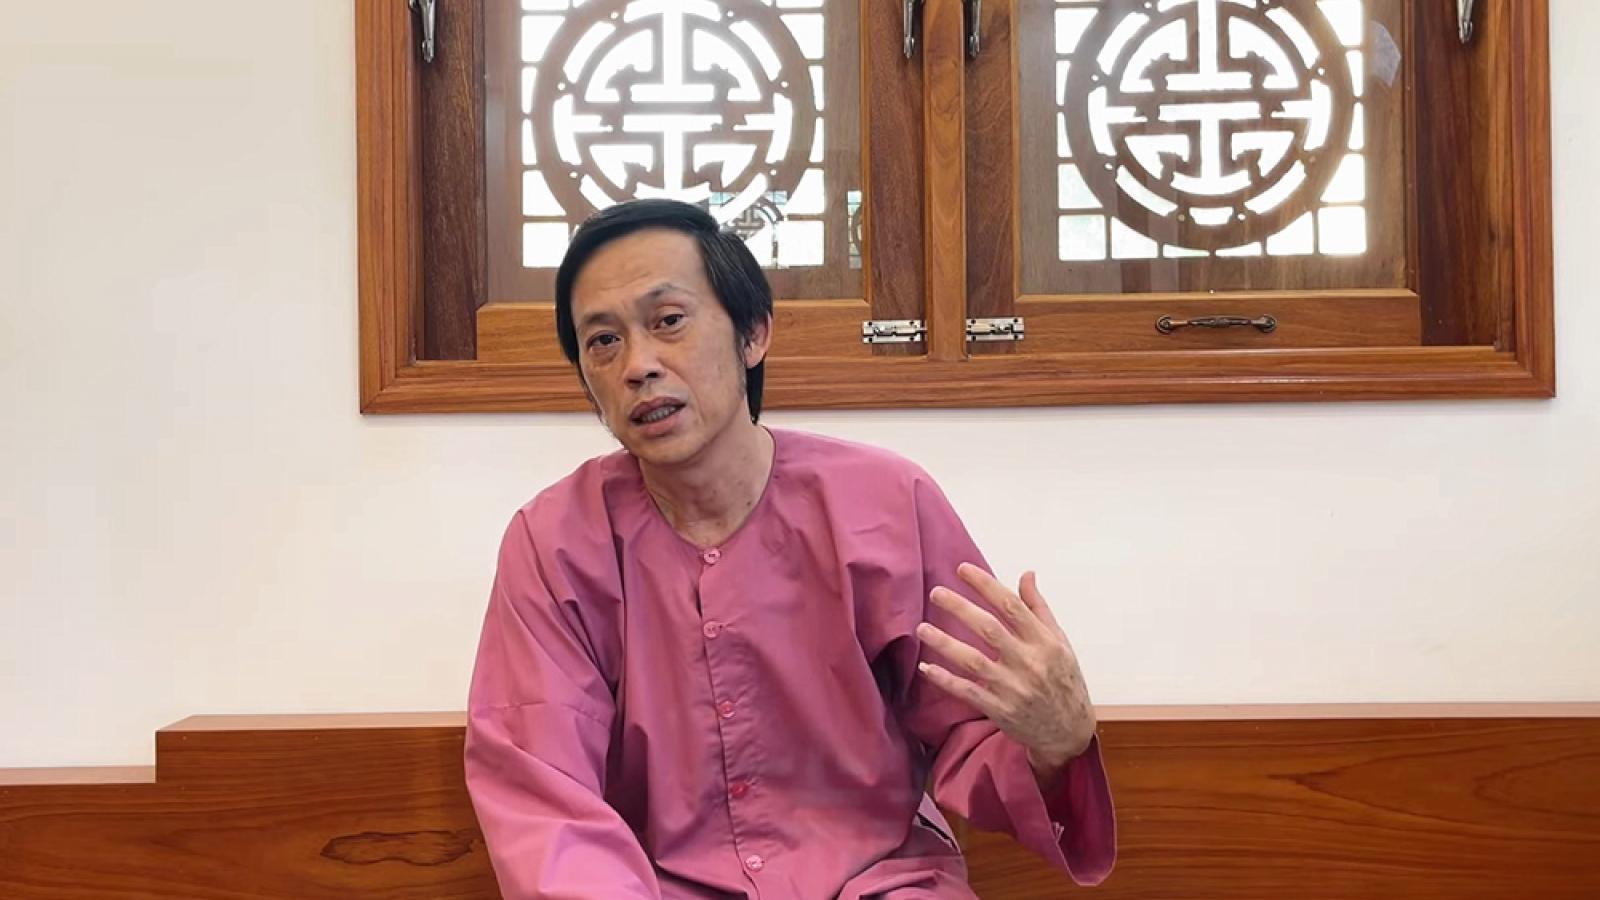 Nghệ sĩ Hoài Linh giải trình công tác từ thiện, gửi lời xin lỗi đến khán giả